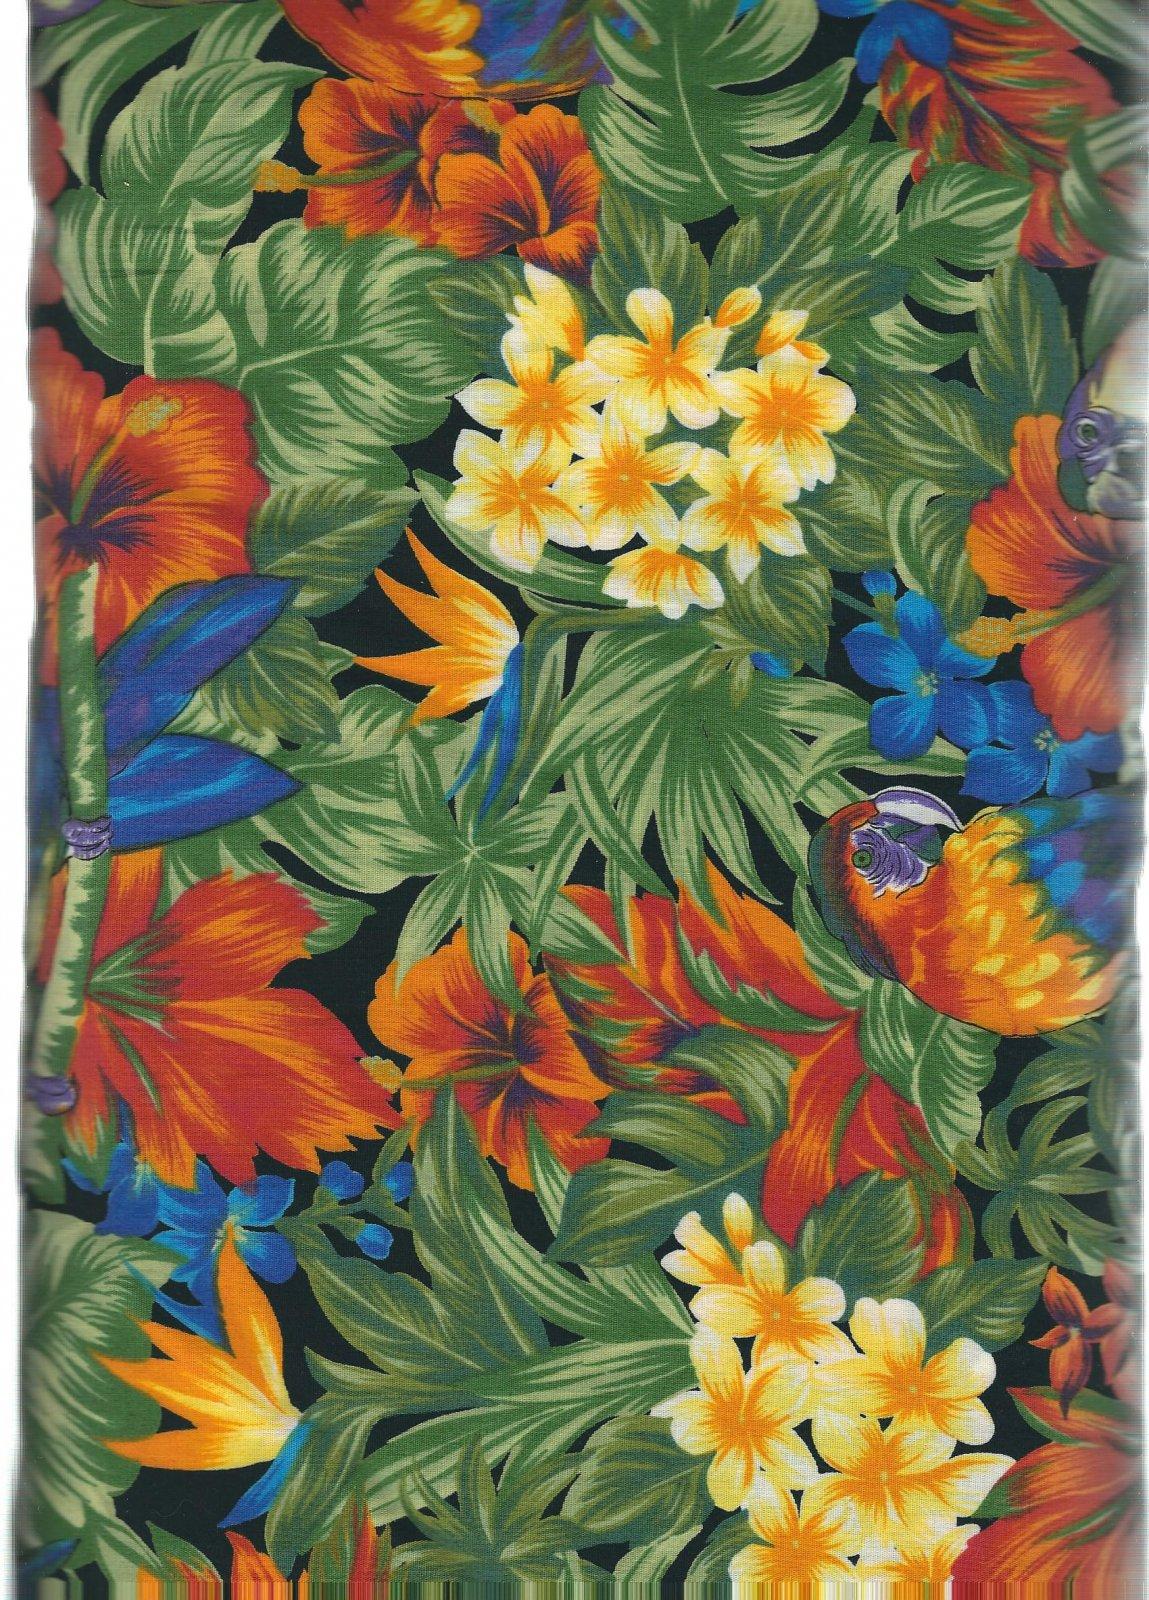 Island Dream 370 K P & B Textiles